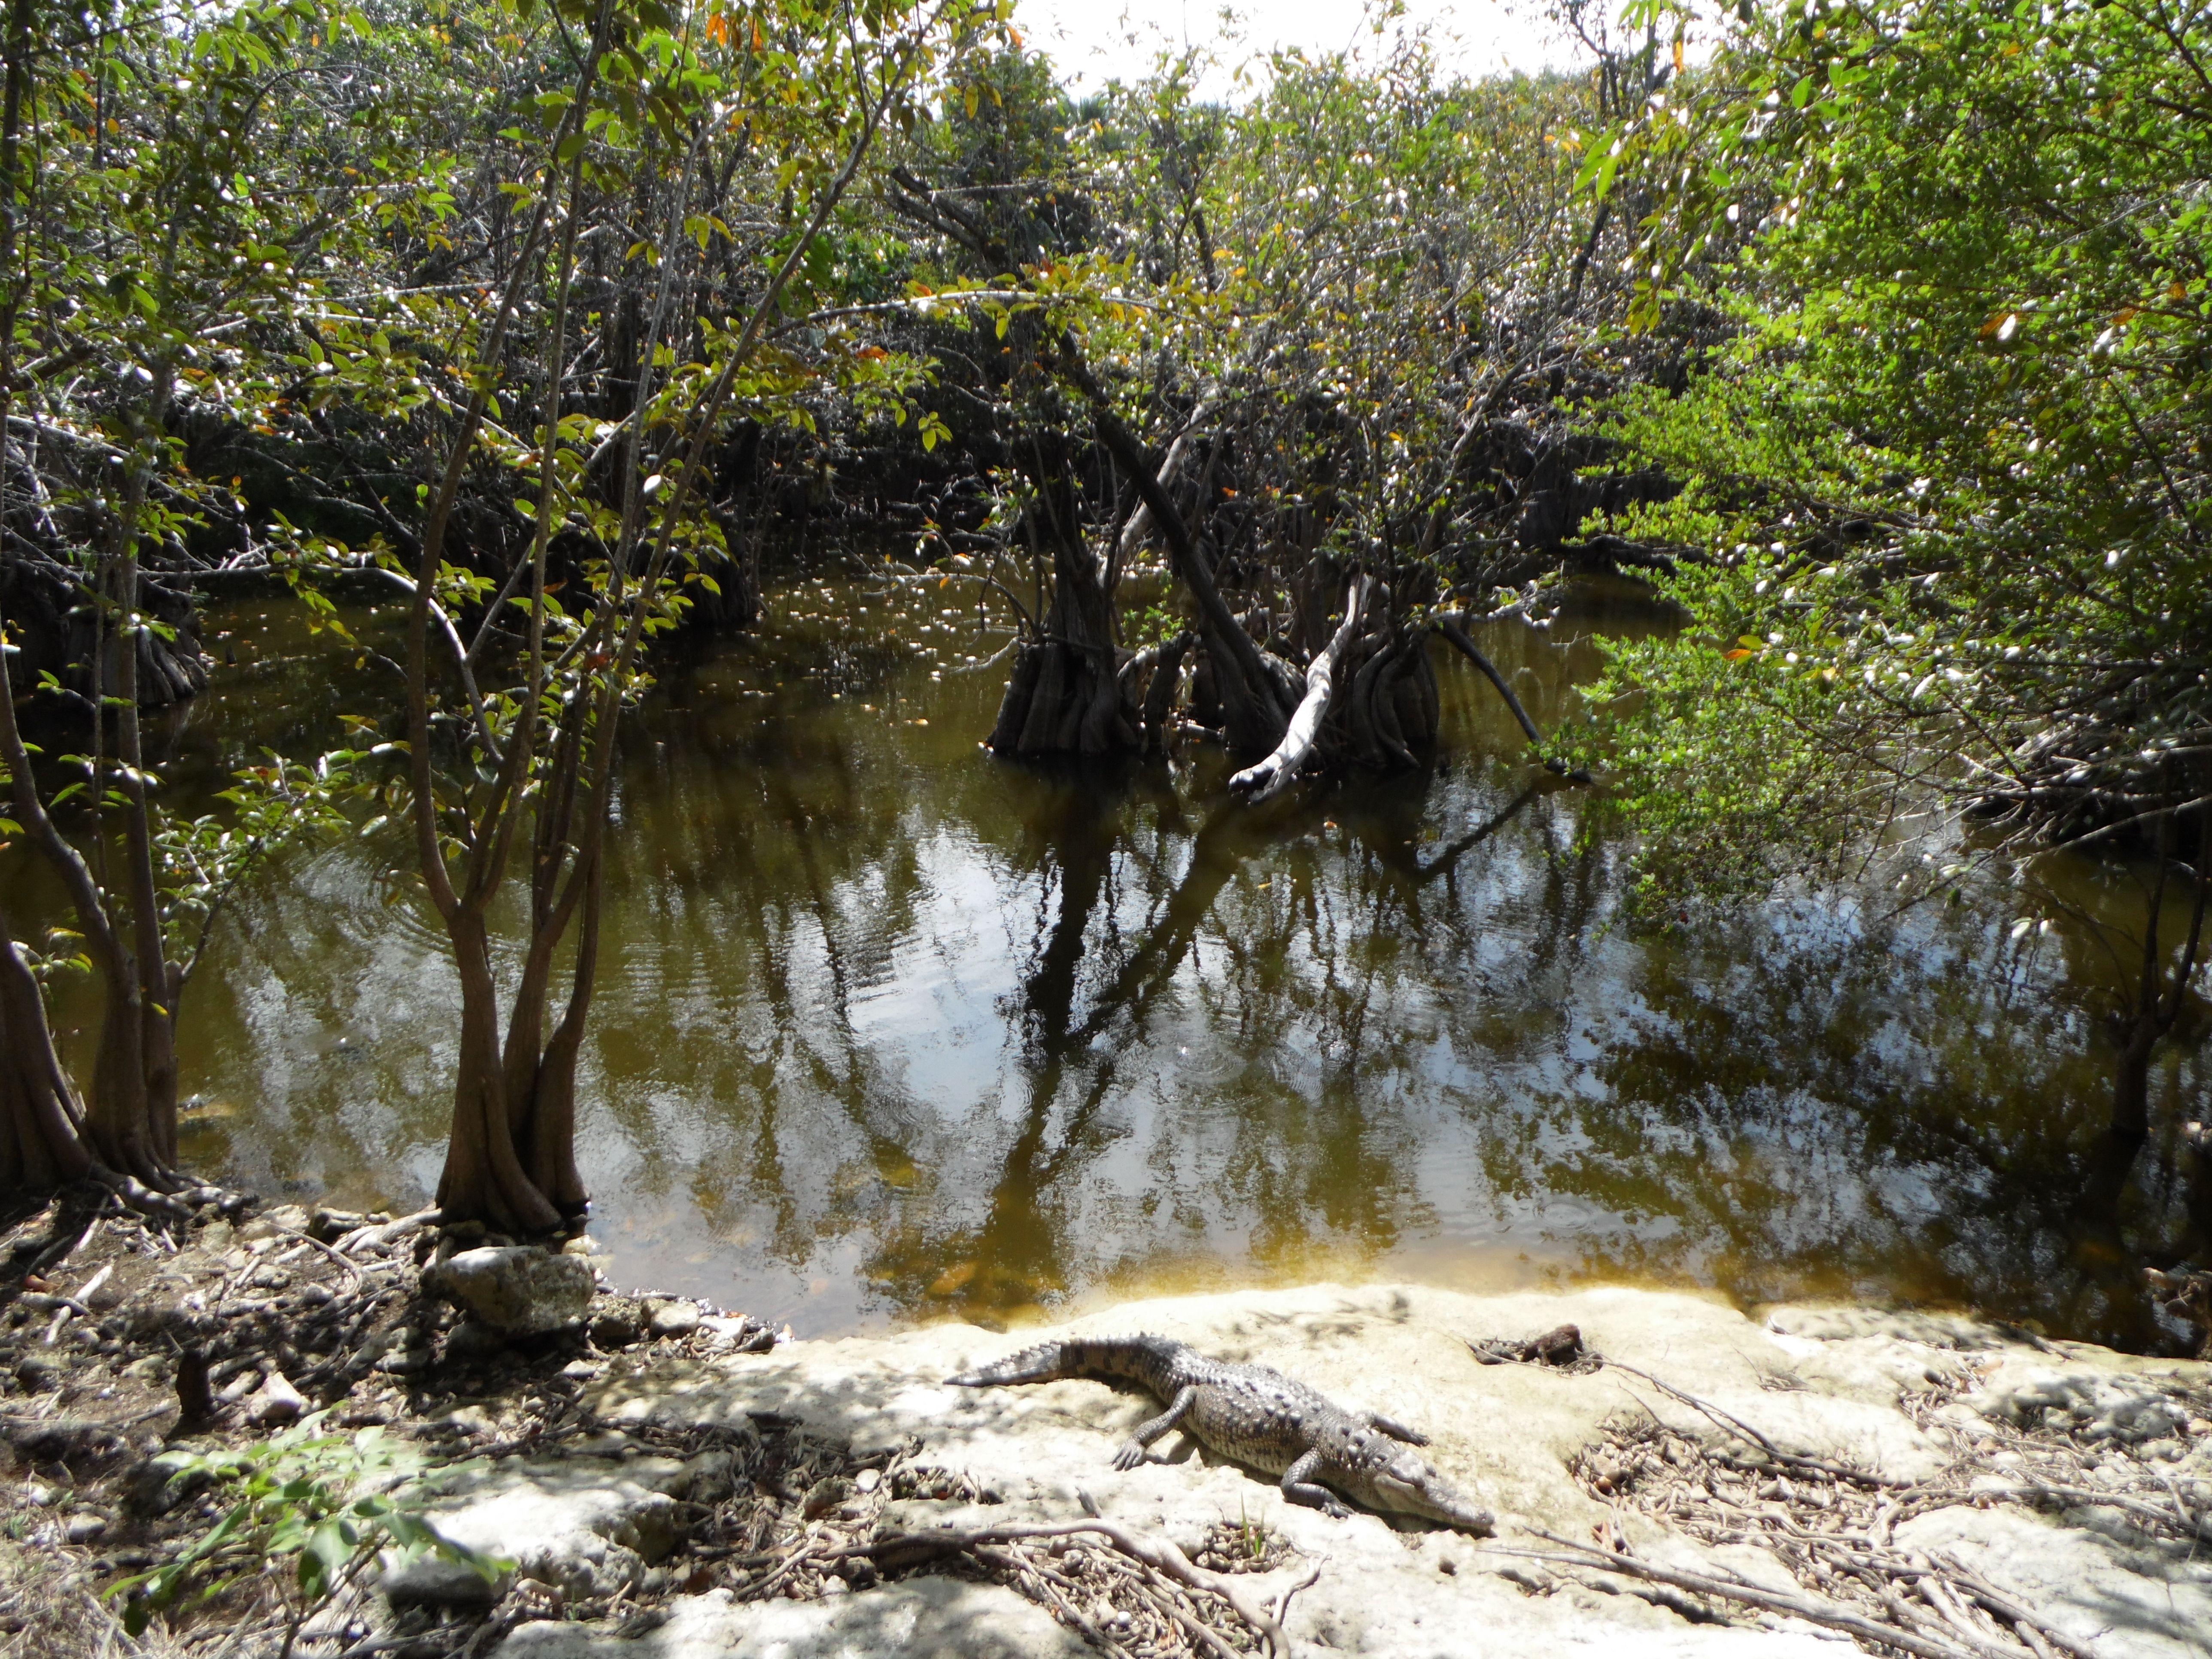 Cocodrilo asoleándose en el parque Kabah, Cancún, Quintana Roo, México. http://dianawestrup.wordpress.com